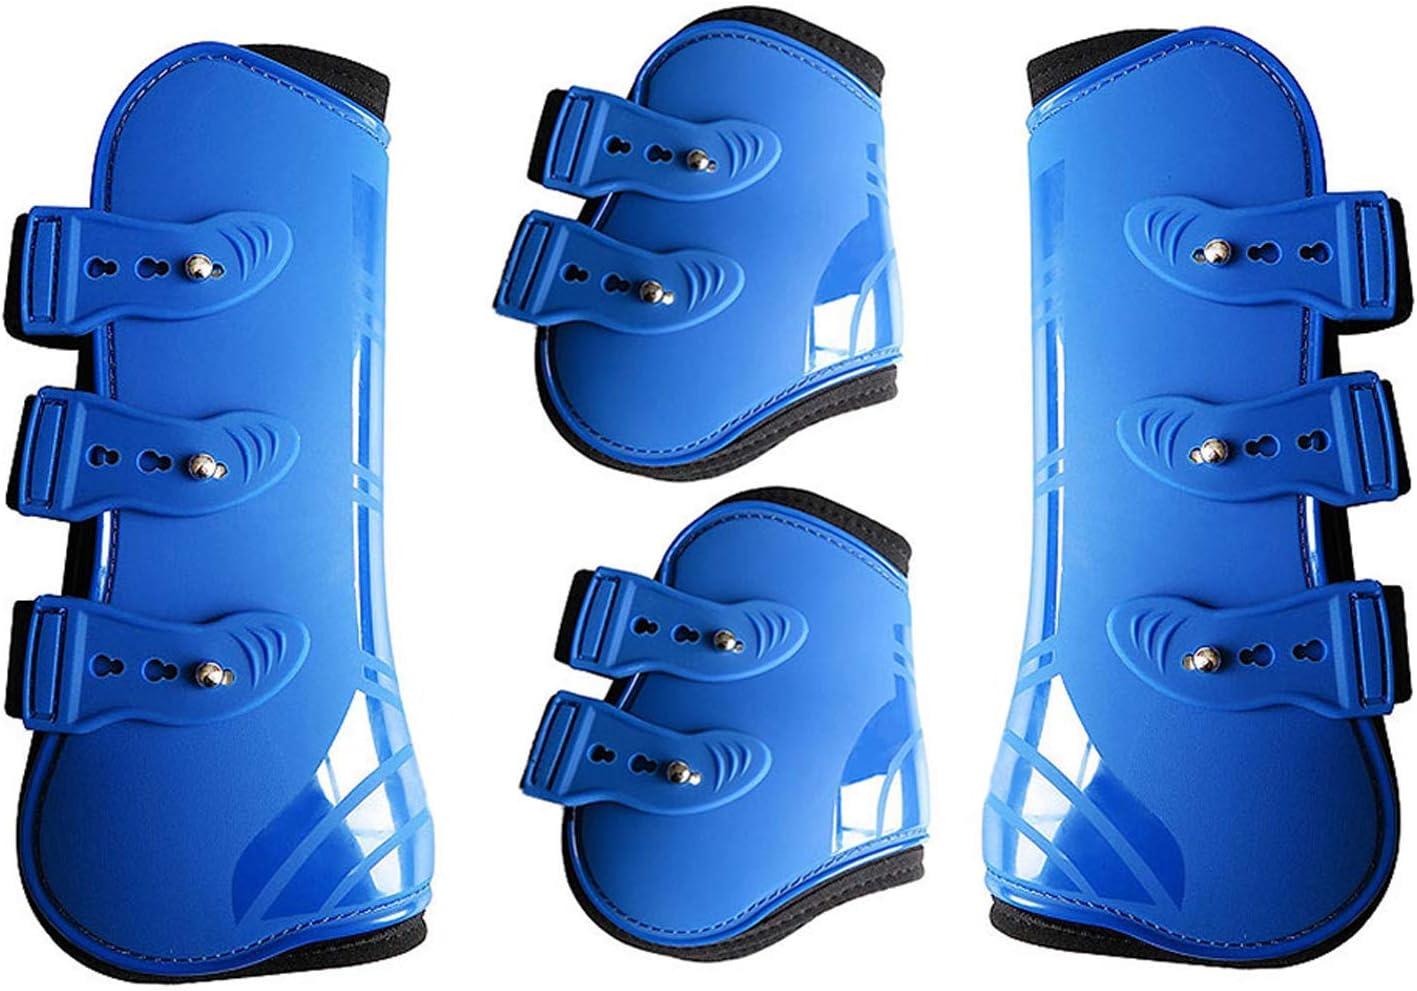 Botas de neopreno para caballo, 4 unidades, con cierre rápido de bucle ajustables, suaves y cómodos, 3 colores, azul